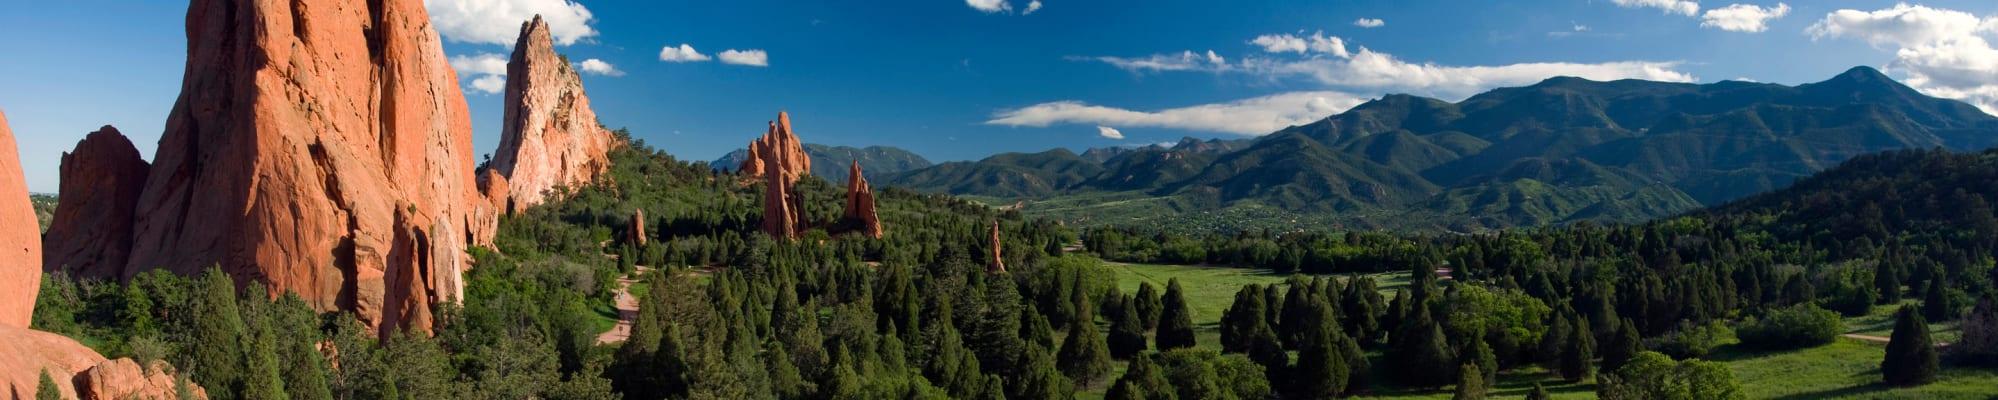 Contact us at Enchanted Springs Apartments in Colorado Springs, Colorado